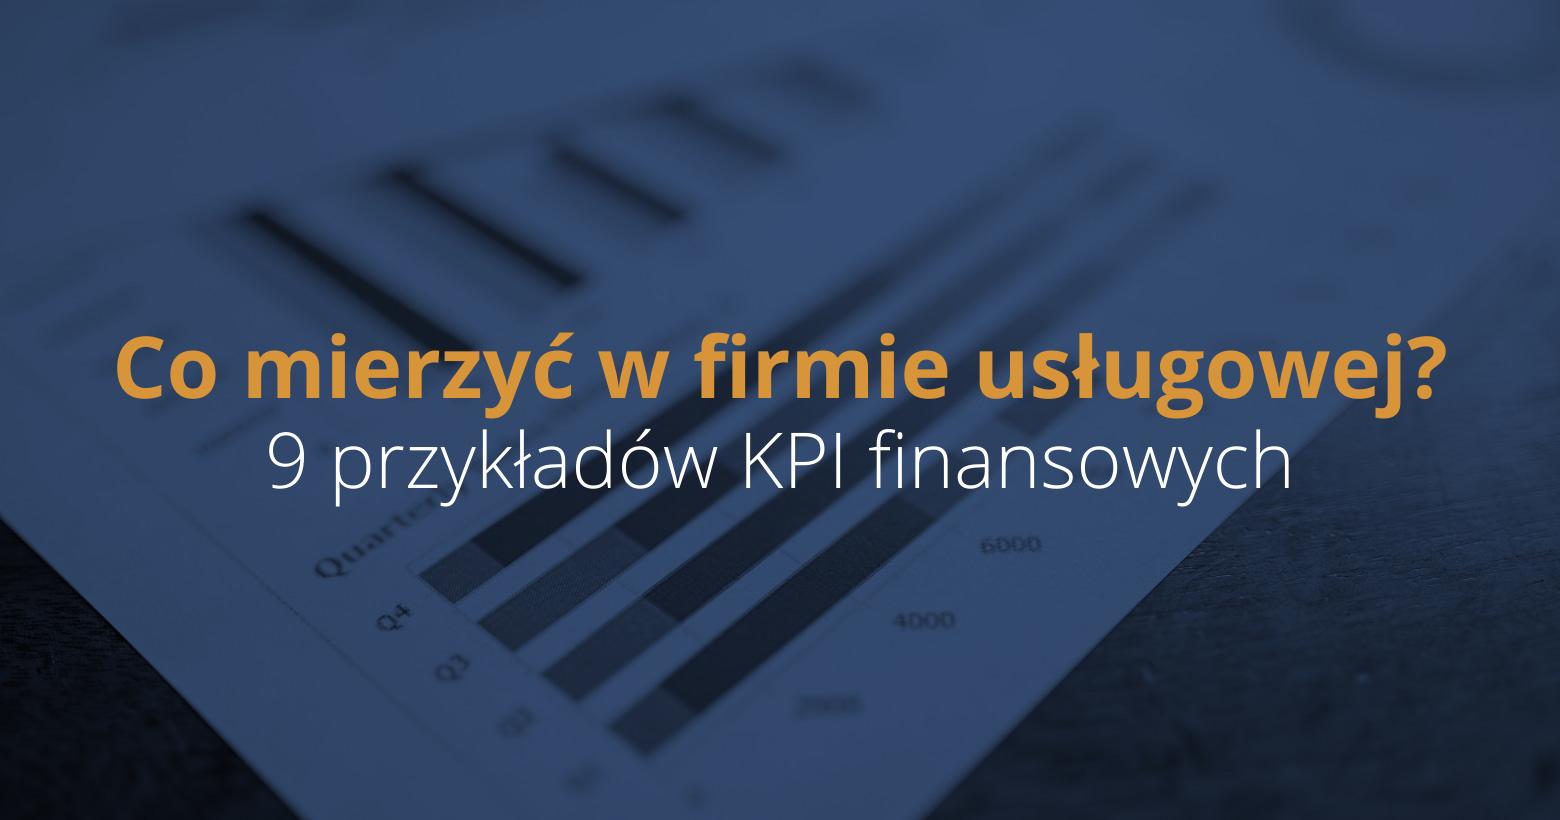 KPI finansowe – 9 przykładów KPI finansowych, które powinieneś mierzyć w firmie usługowej.